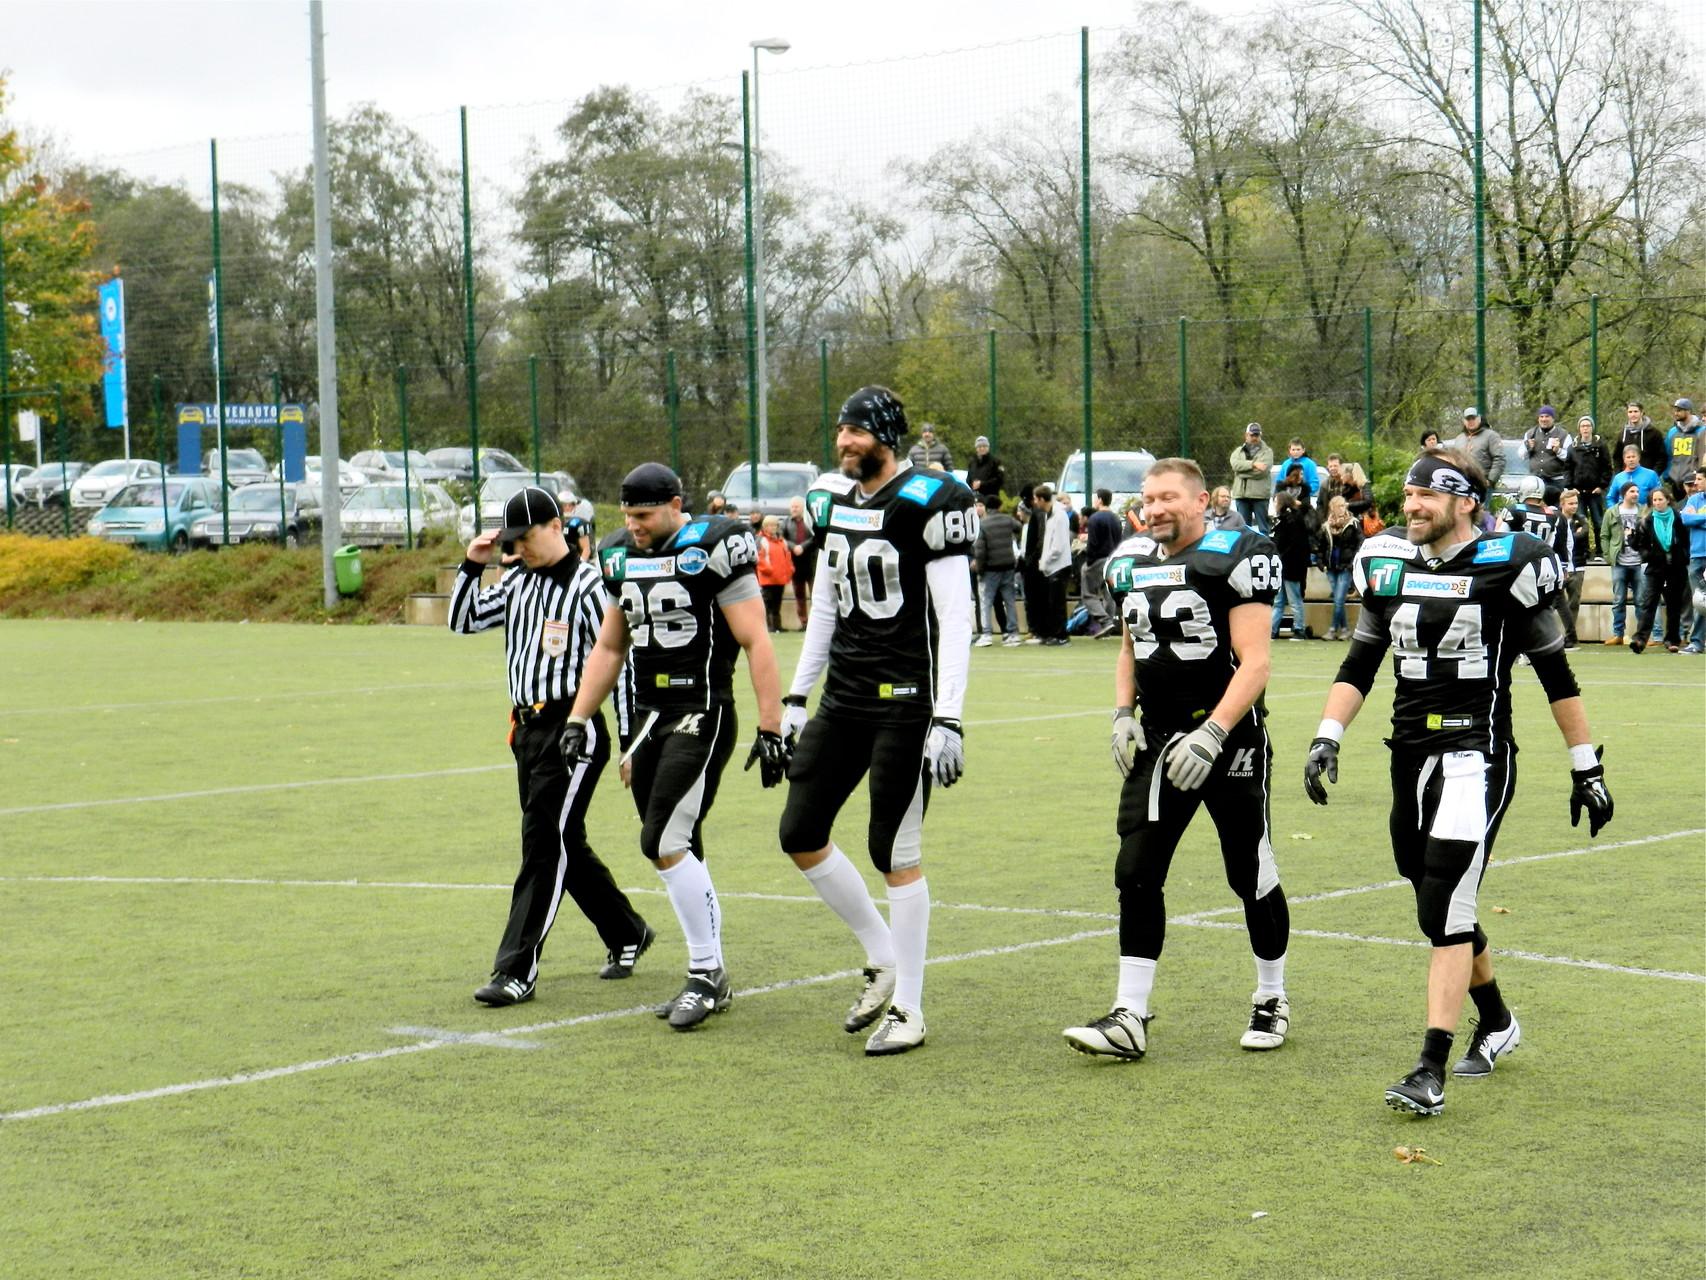 Foto von www.regionalsport.at Erwin Hofbauer Andreas Pröller ist der dritte von rechts